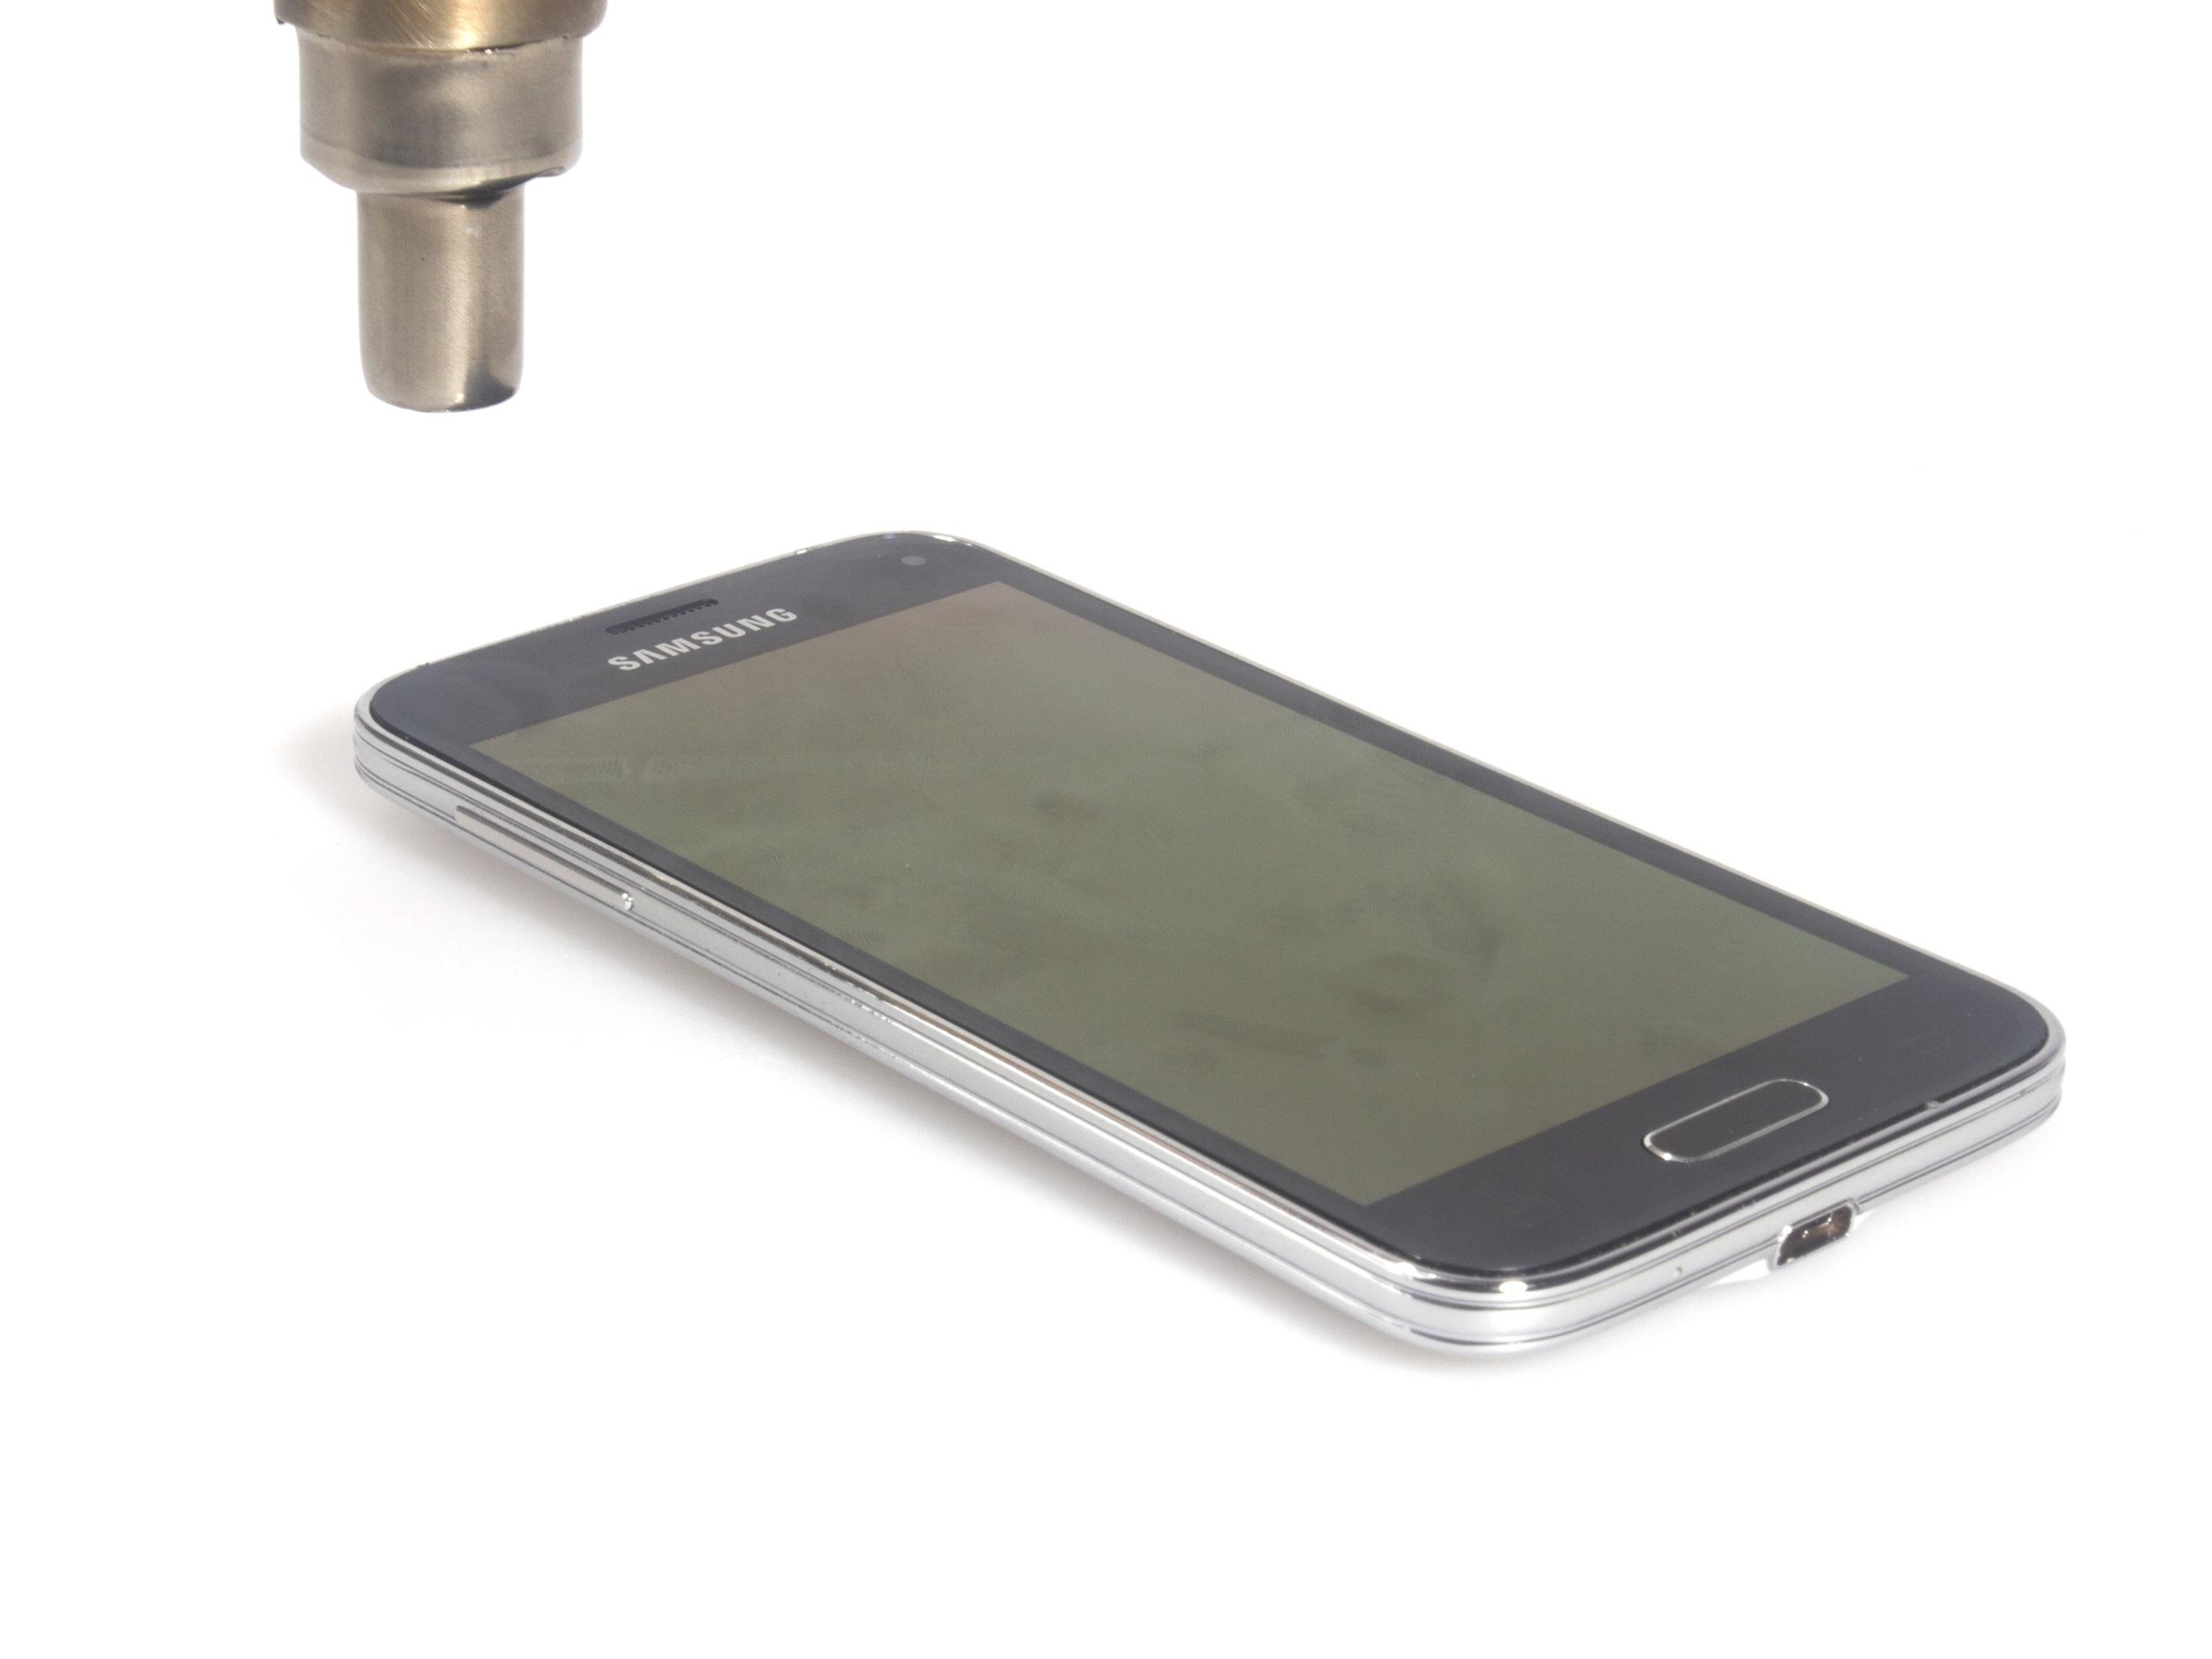 با سشوار یا آیاوپنر (iOpener) به اطراف لبه های ال سی دی گلکسی اس 5 مینی تعمیری گرمای ملایمی اعمال کنید.